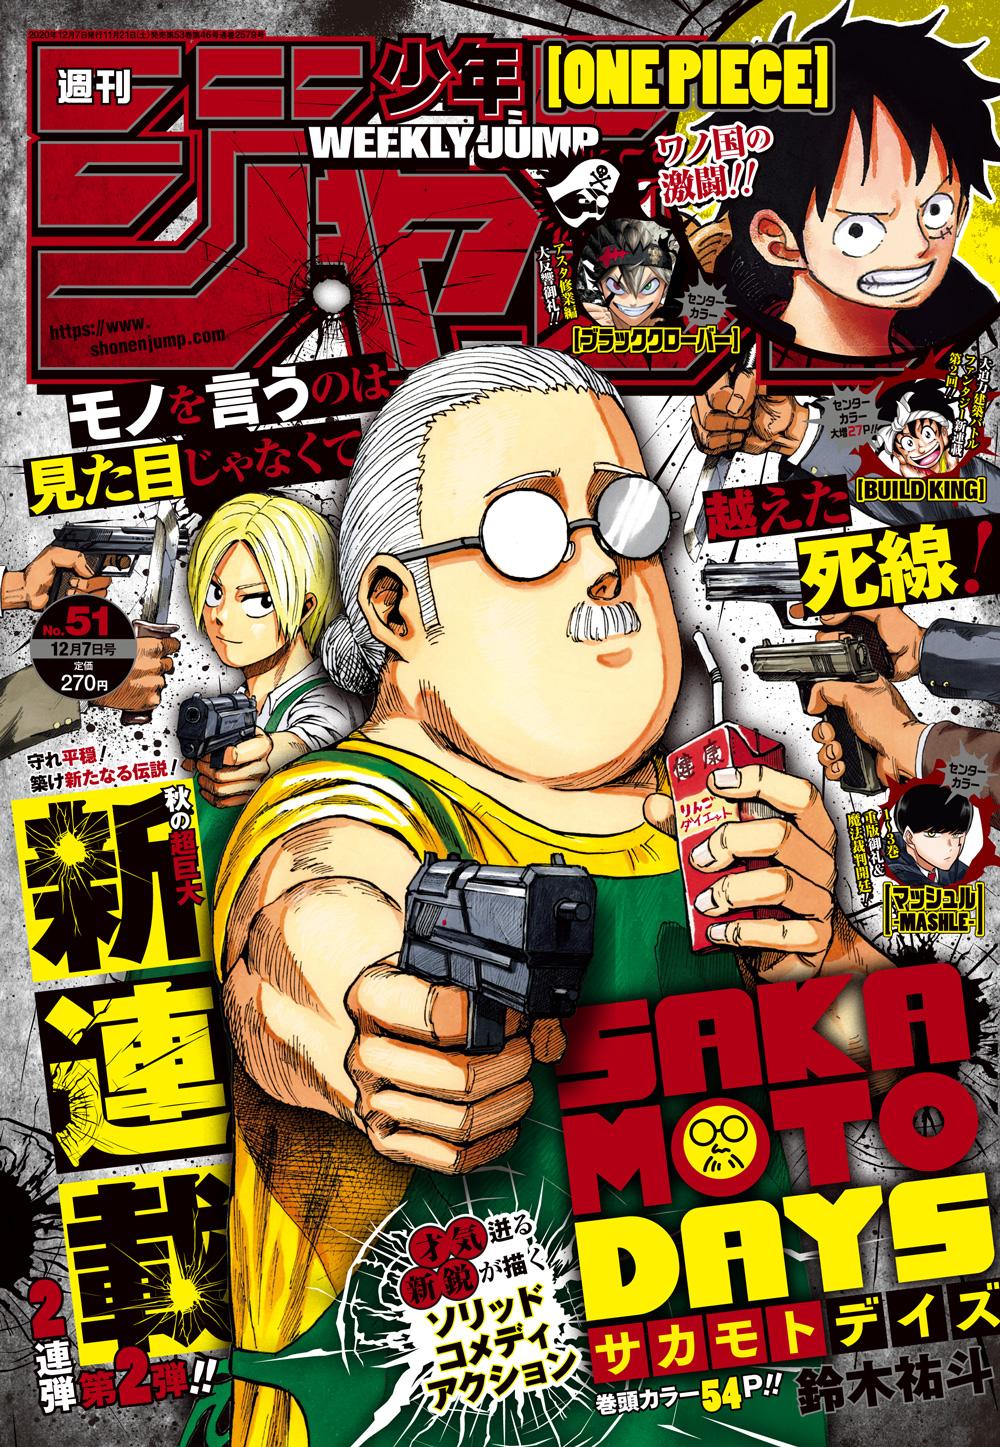 週刊少年ジャンプ 2020年51号 [Weekly Shonen Jump 2020 No.51+RAR]